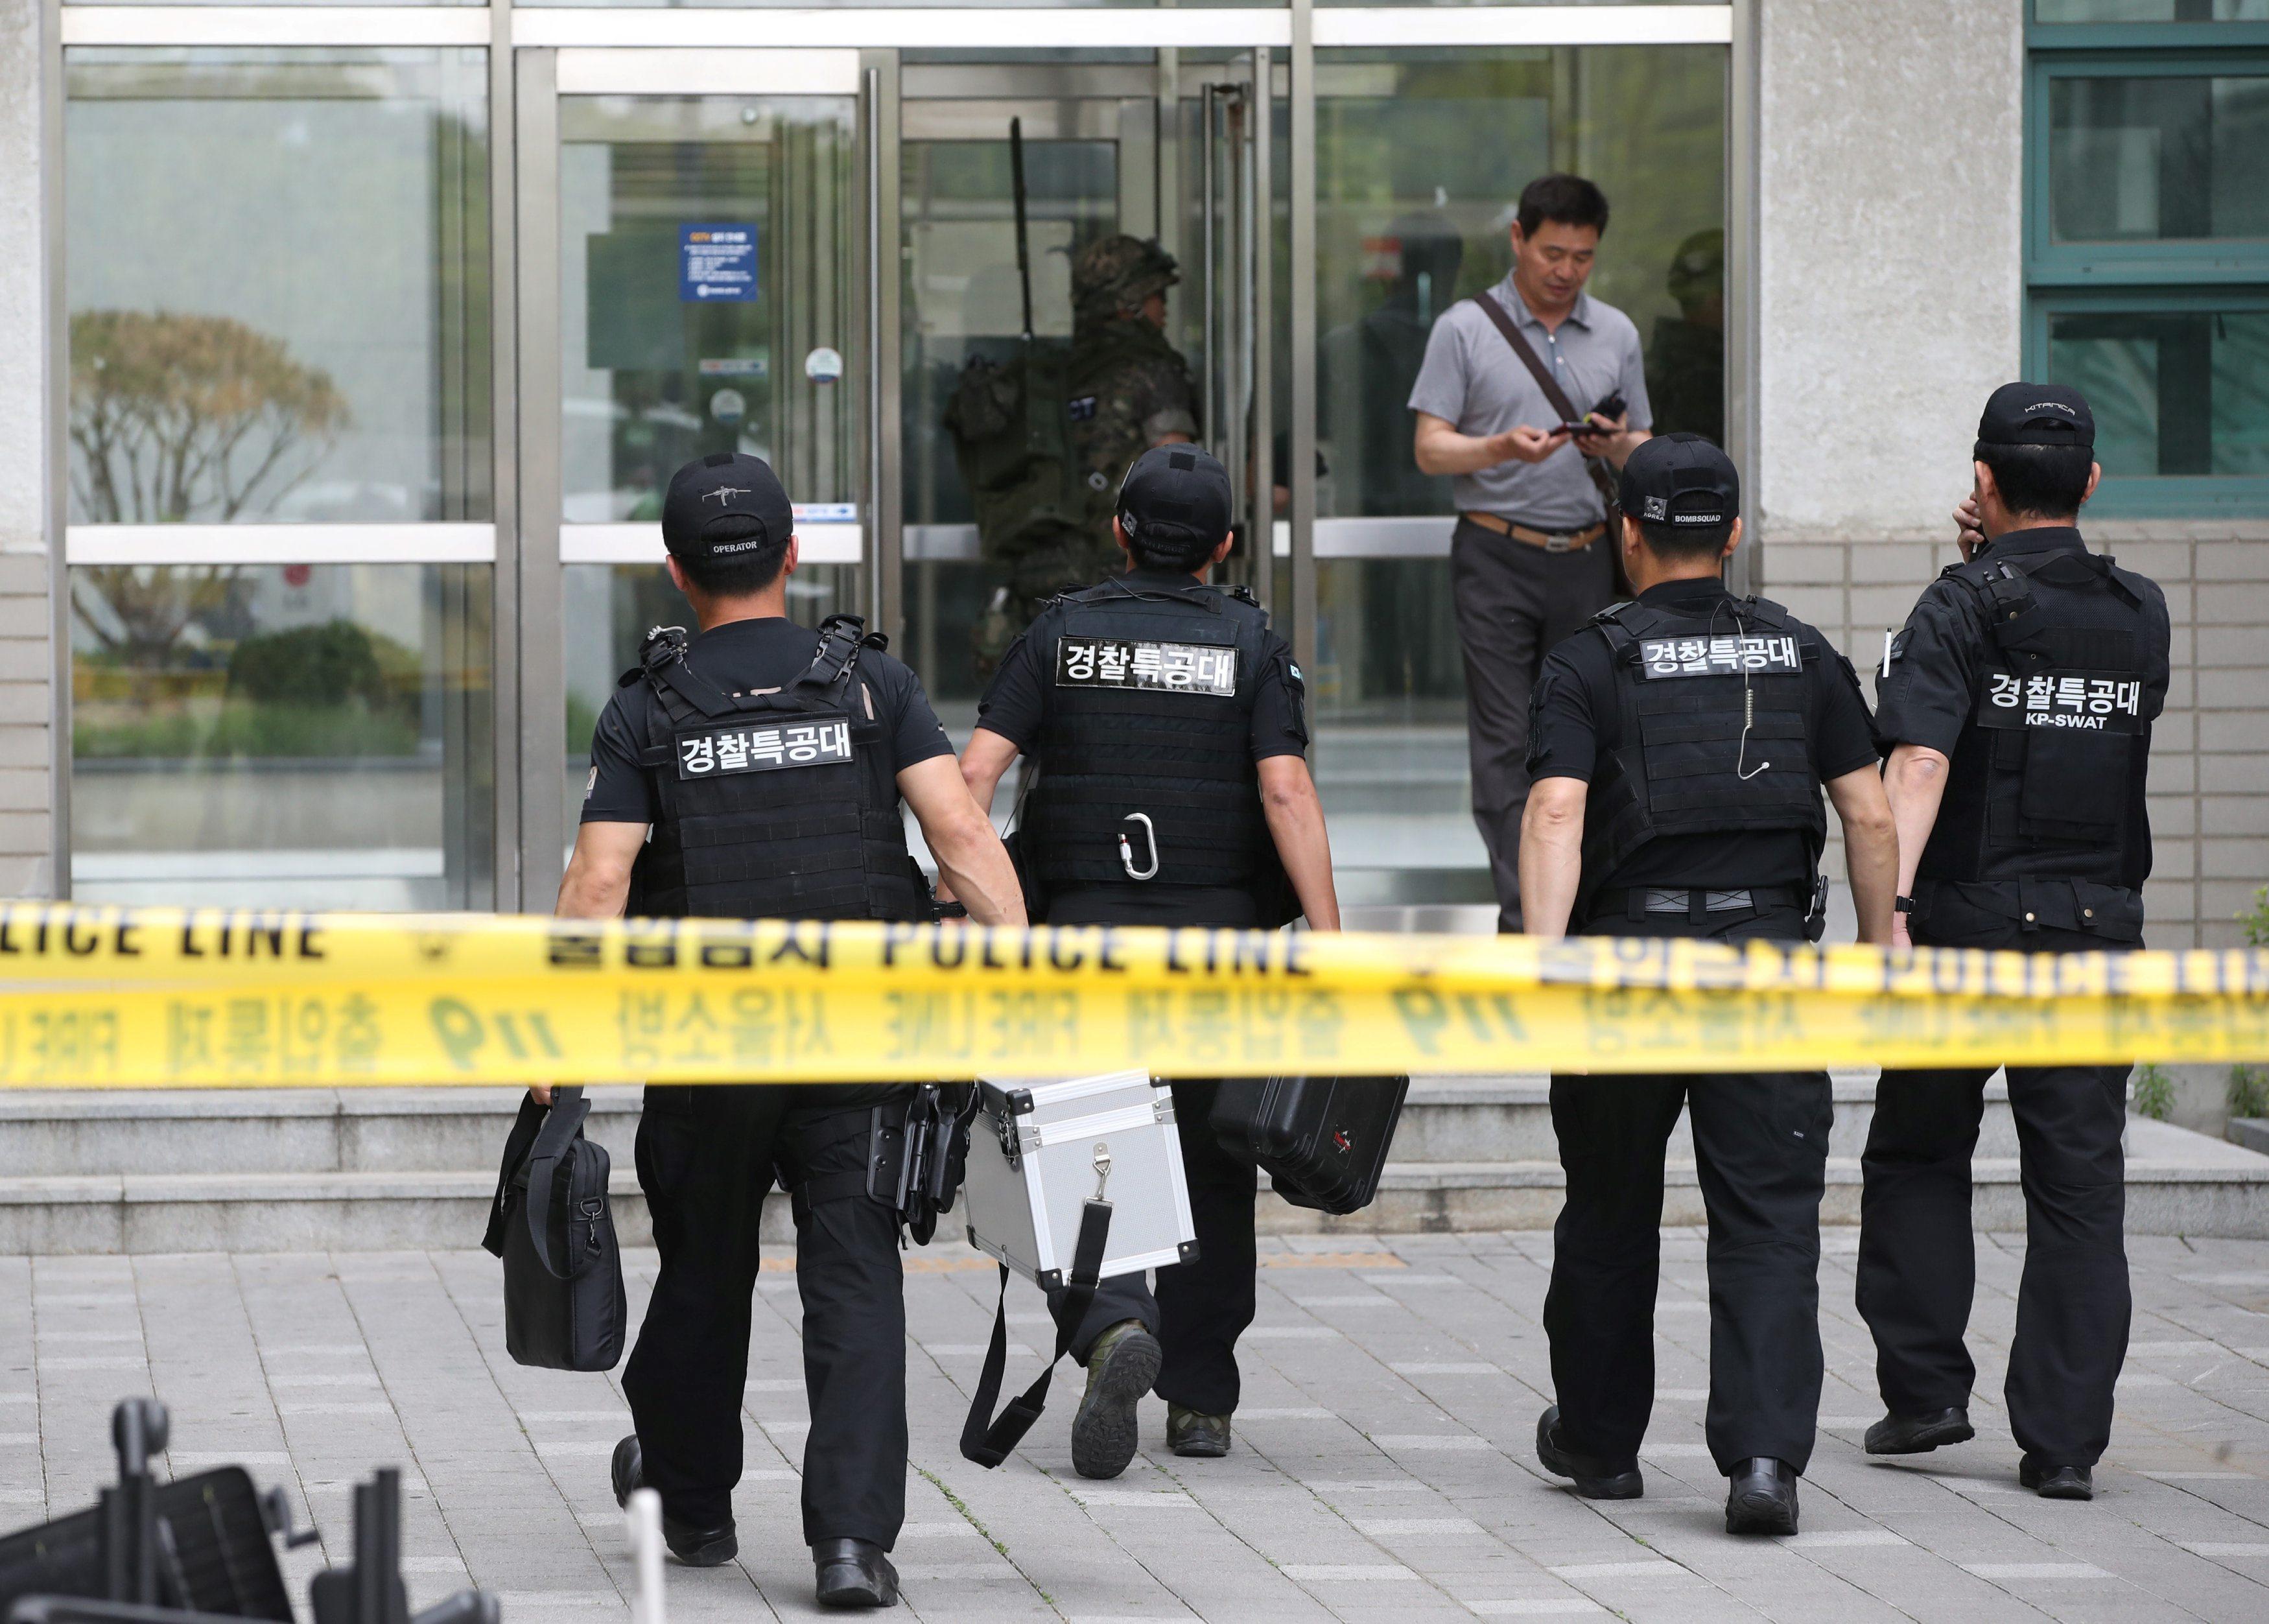 Pripadnici specijalne policije ulaze na sveučilište Jonsei nakon eksplozije